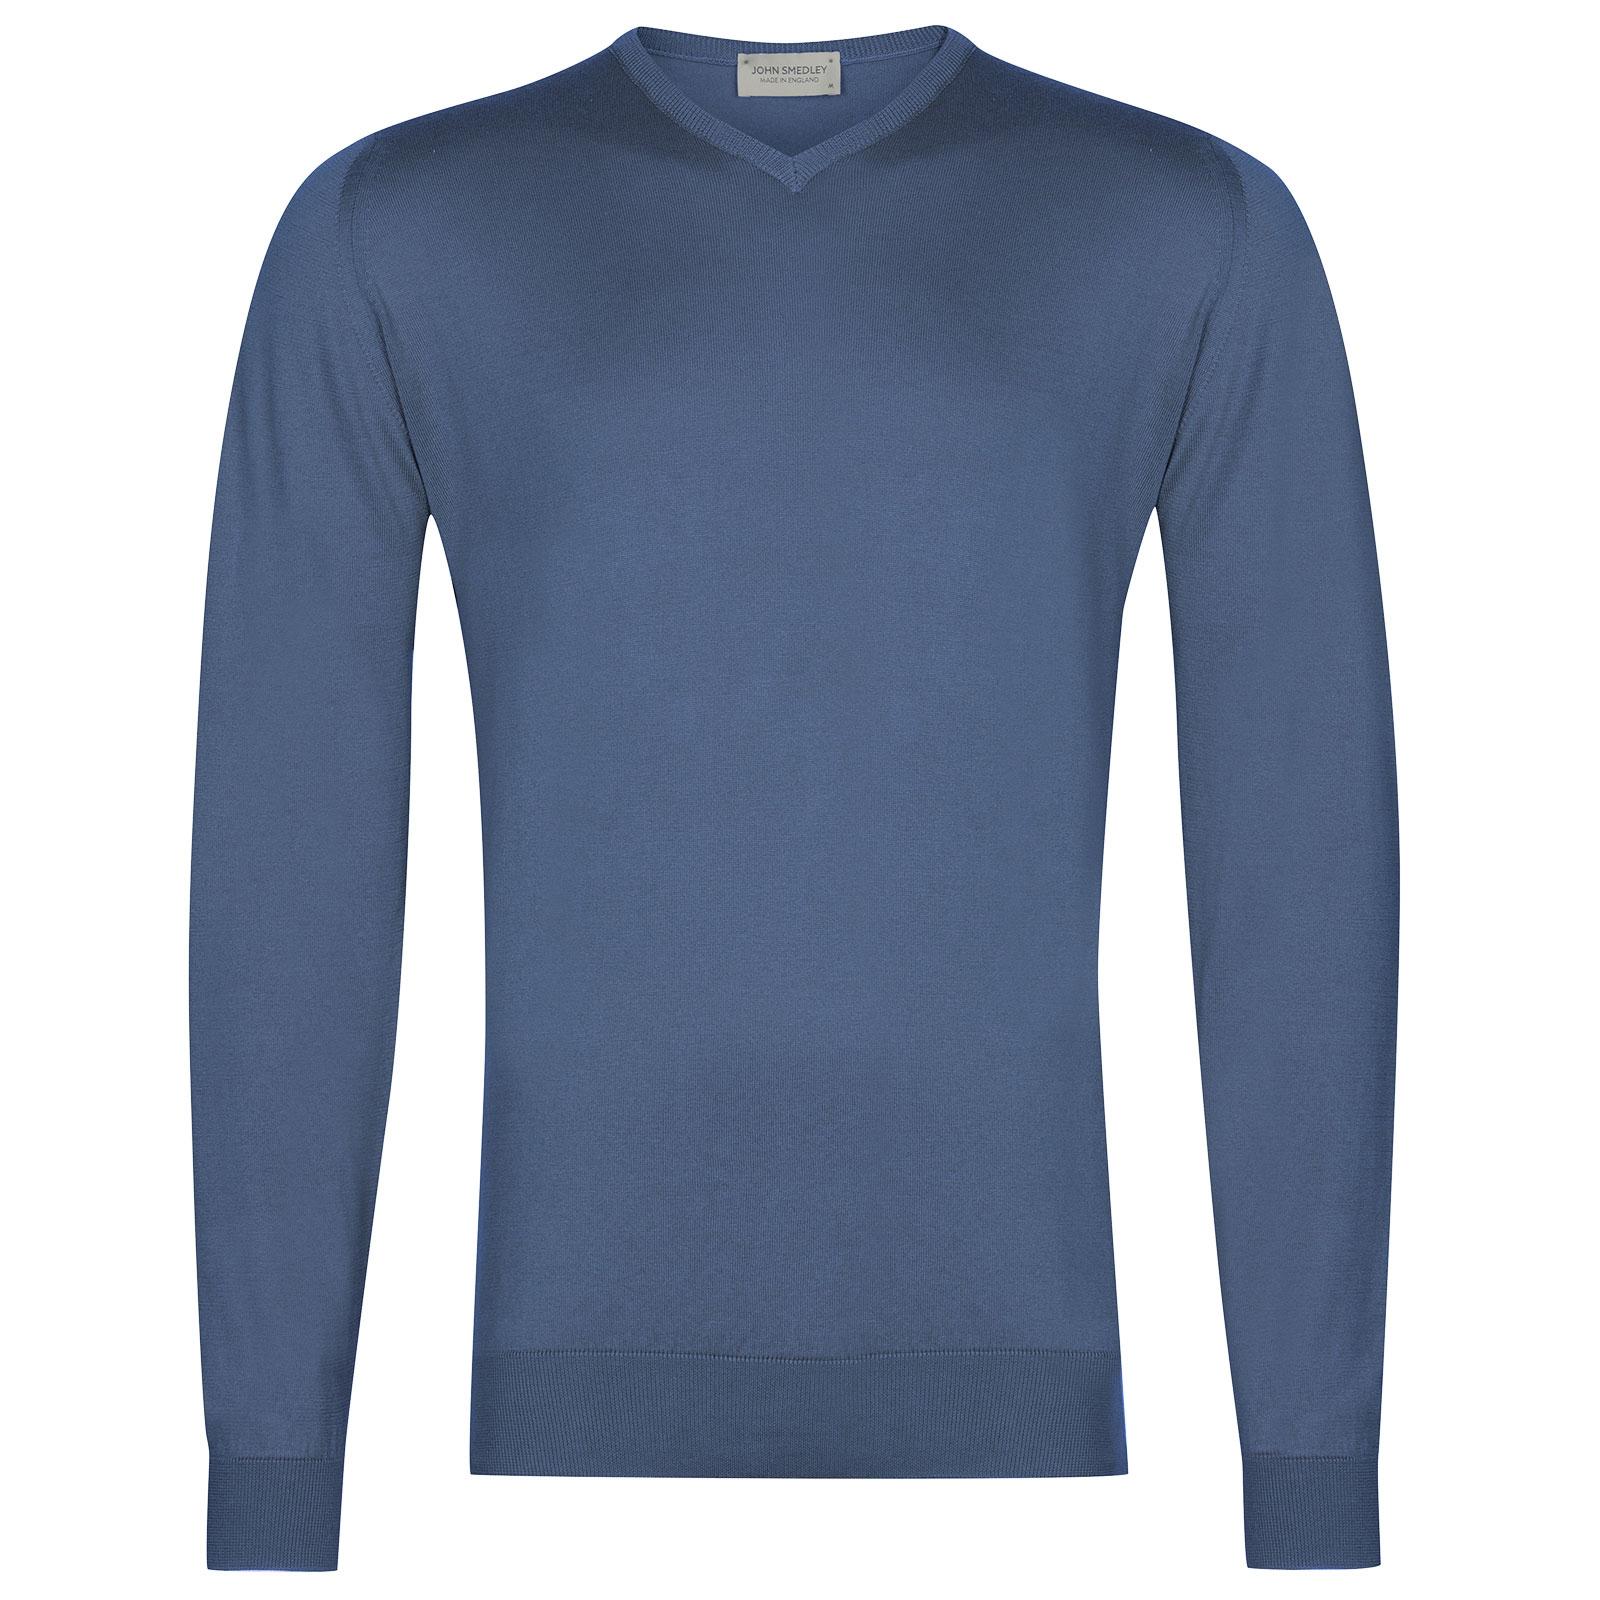 John Smedley Aydon in Blue Iris Pullover-SML